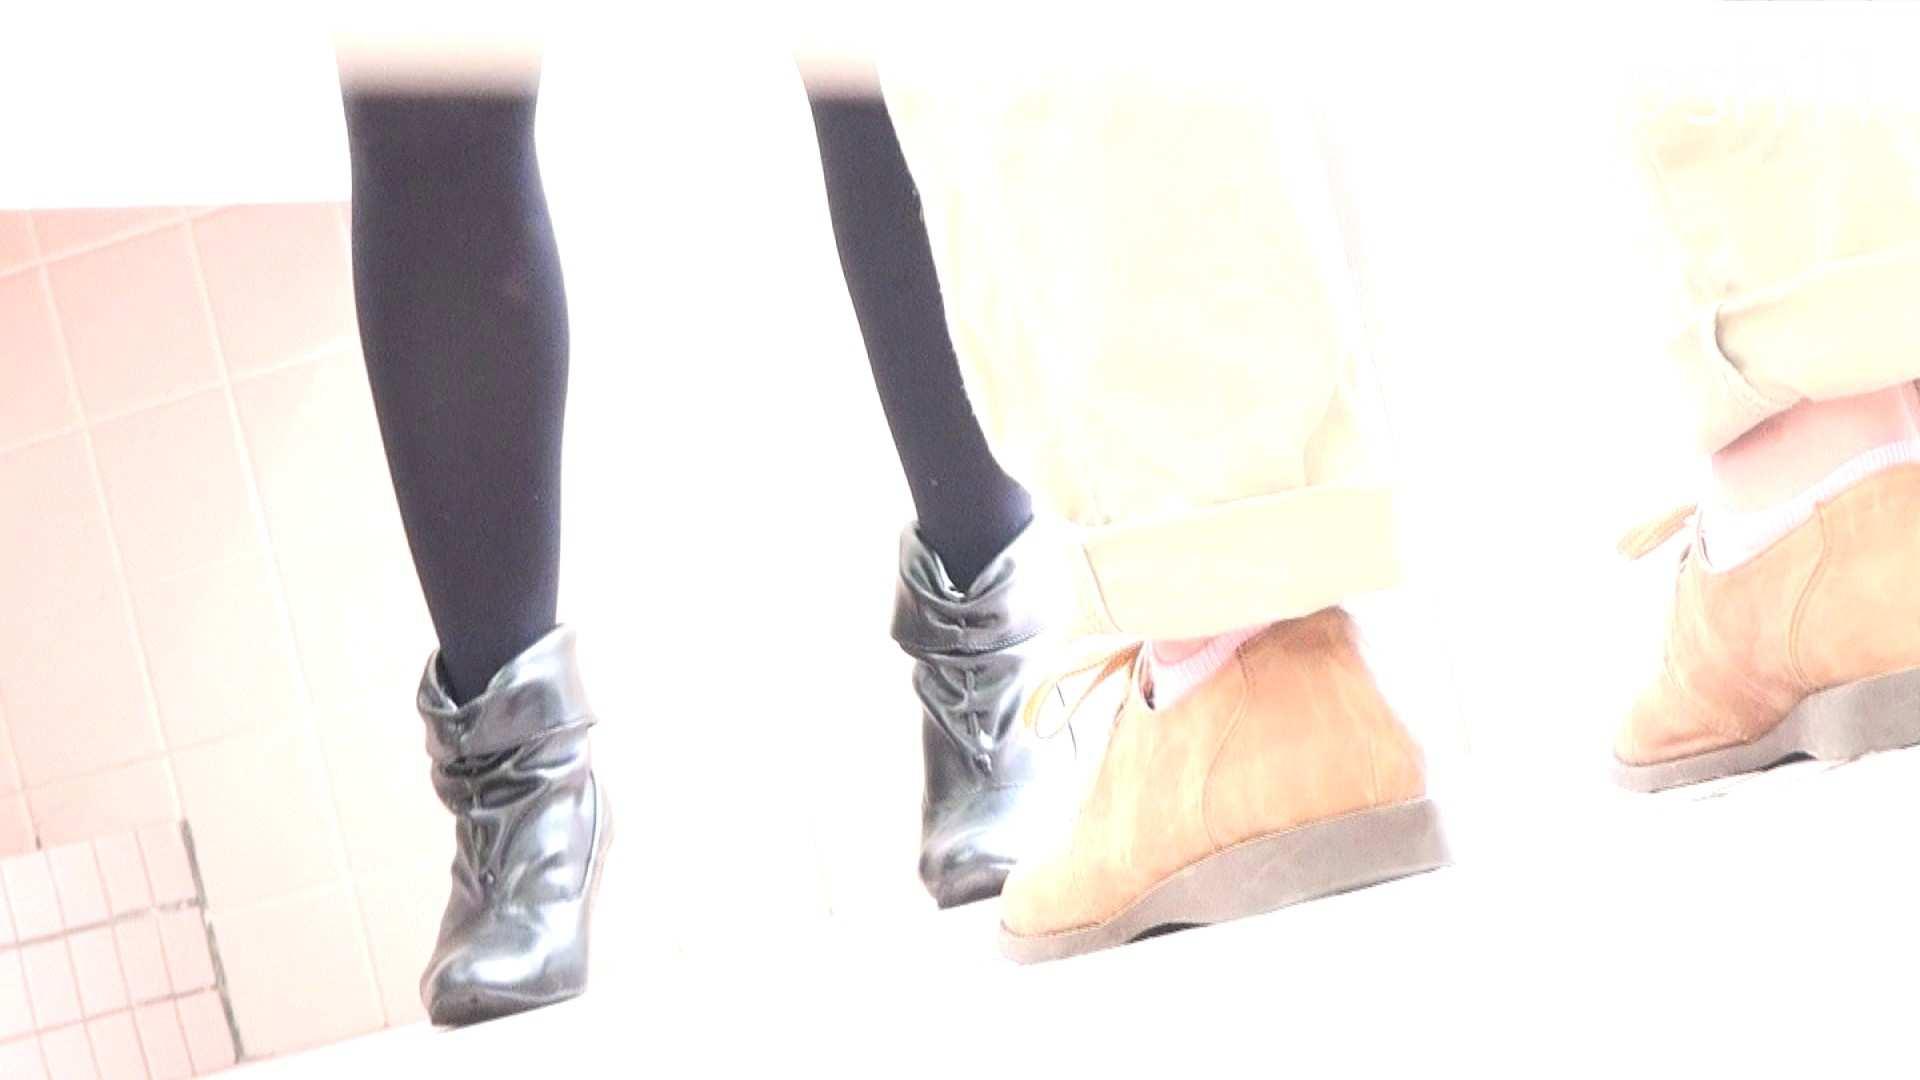 無修正エロ動画|▲復活限定▲ハイビジョン 盗神伝 Vol.11|怪盗ジョーカー